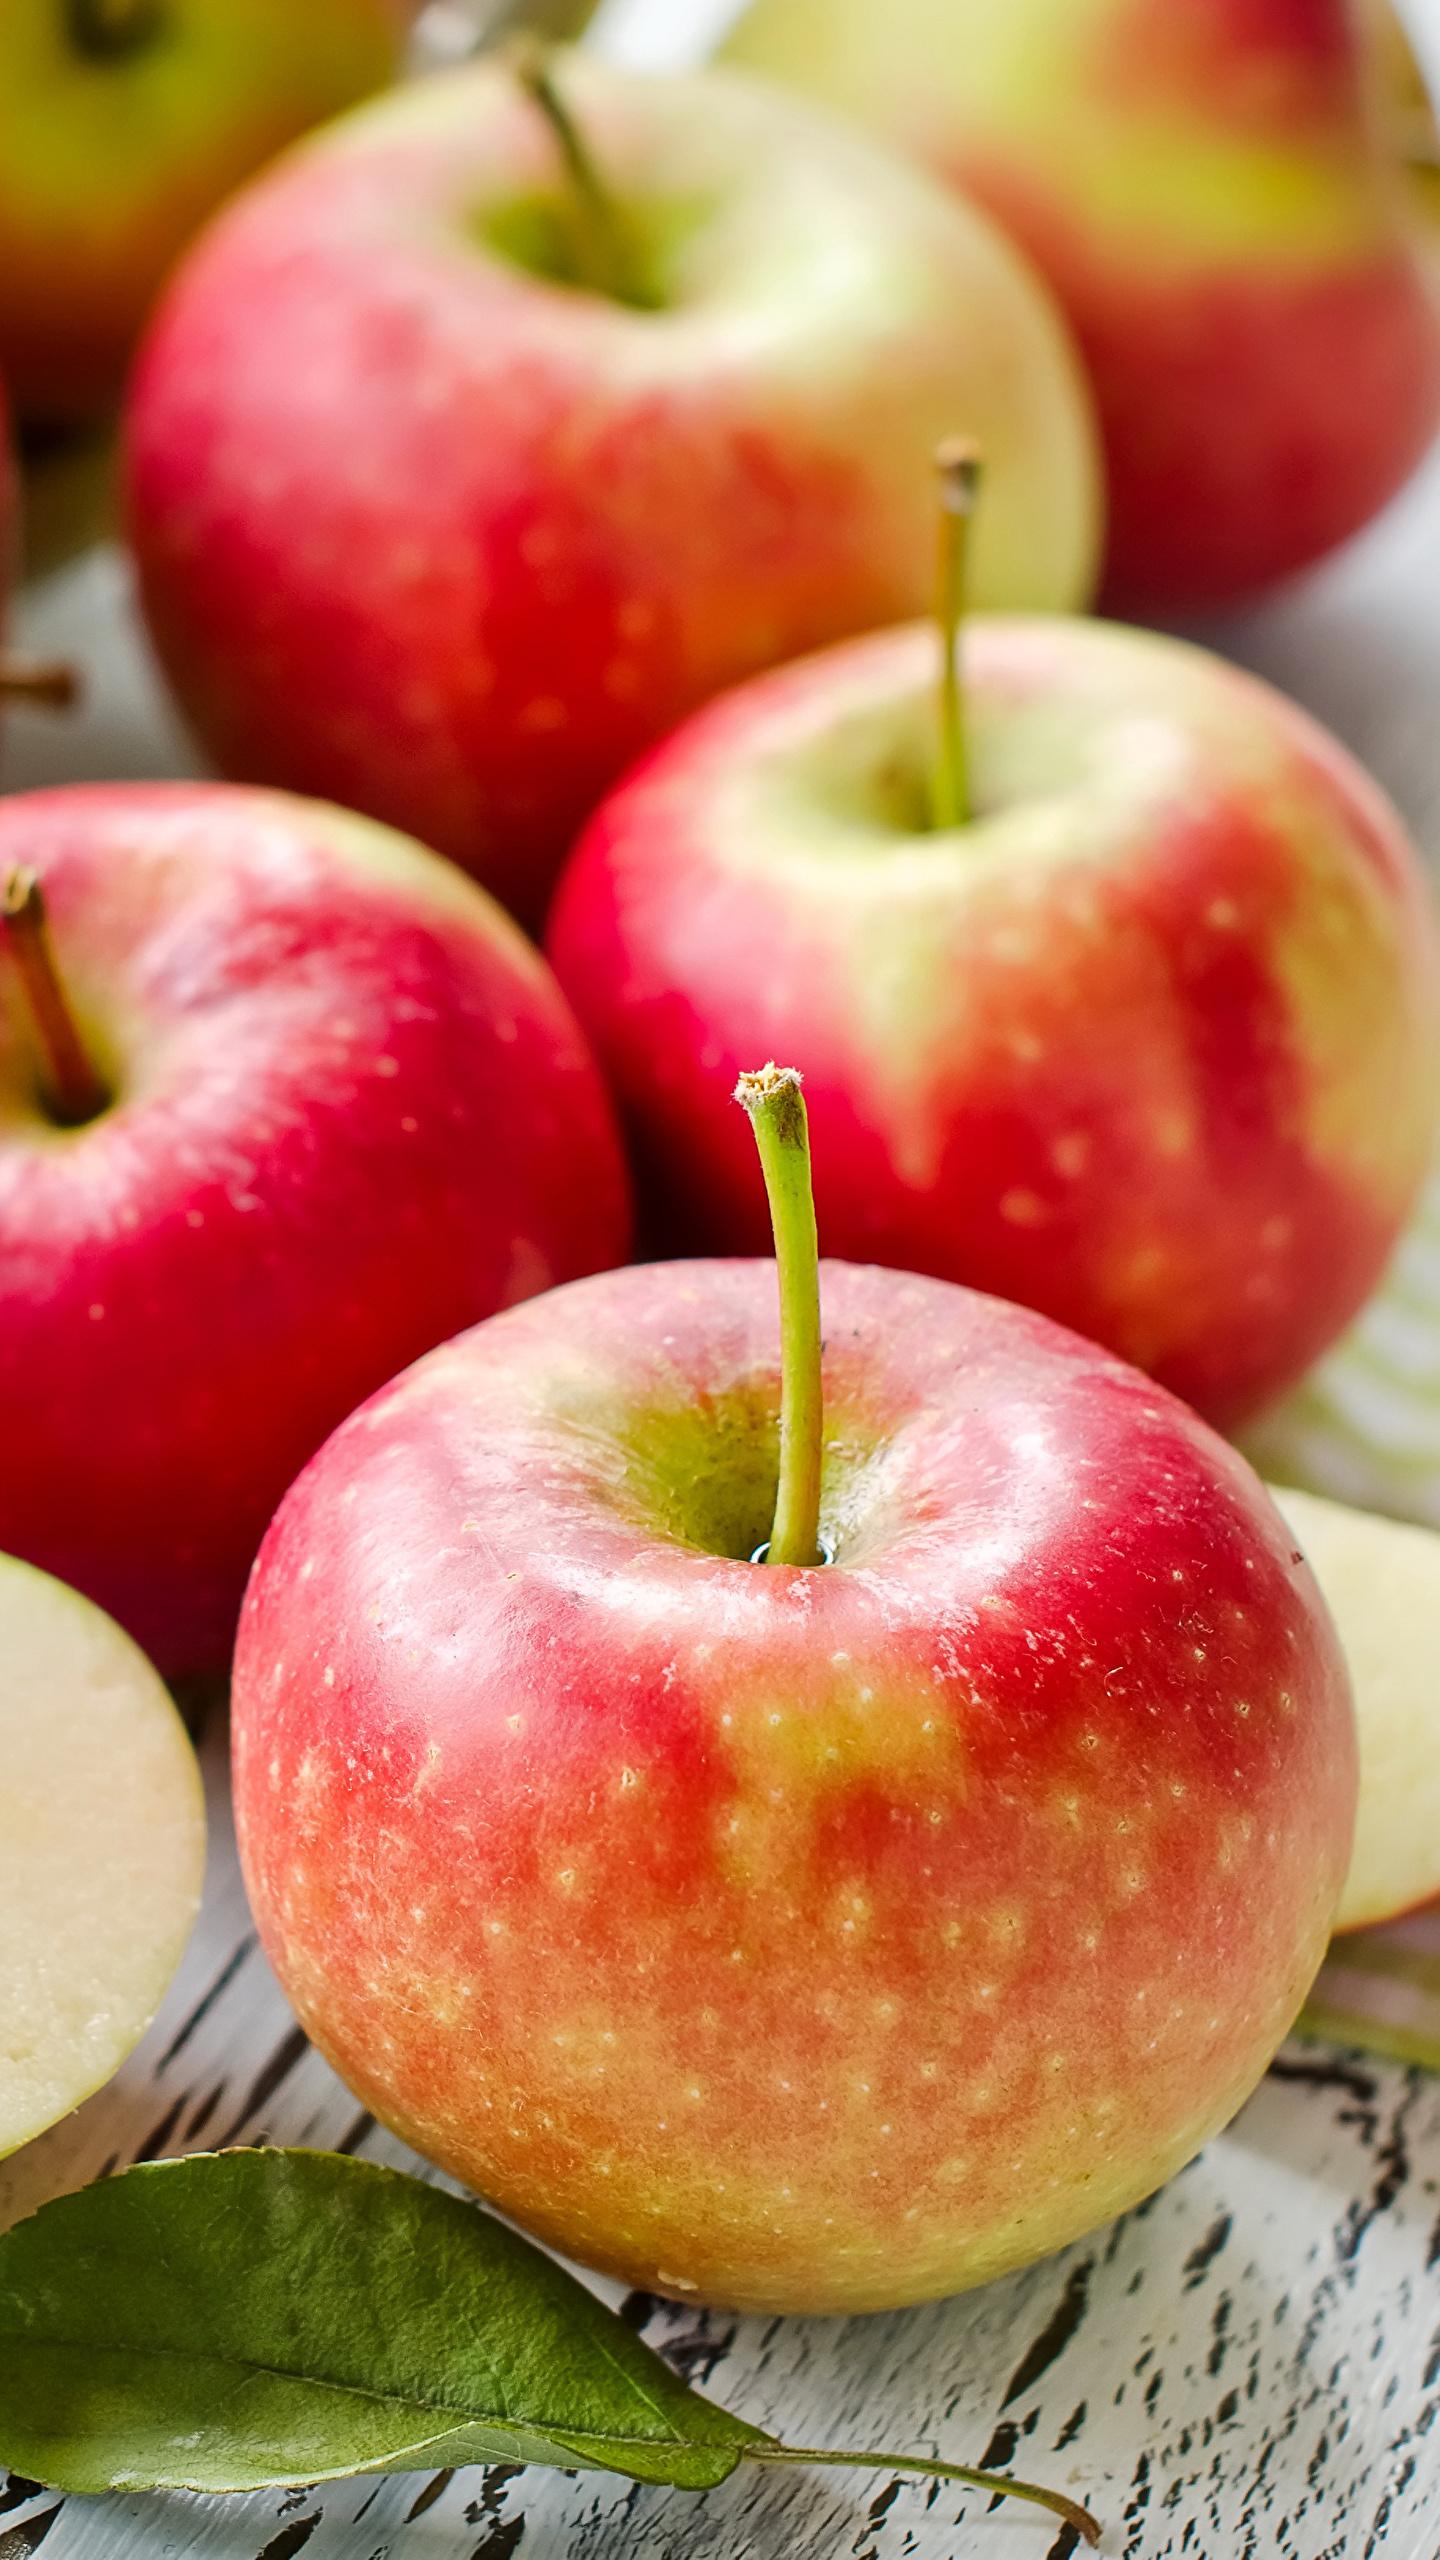 inside apples photos tumblr - HD1440×2560